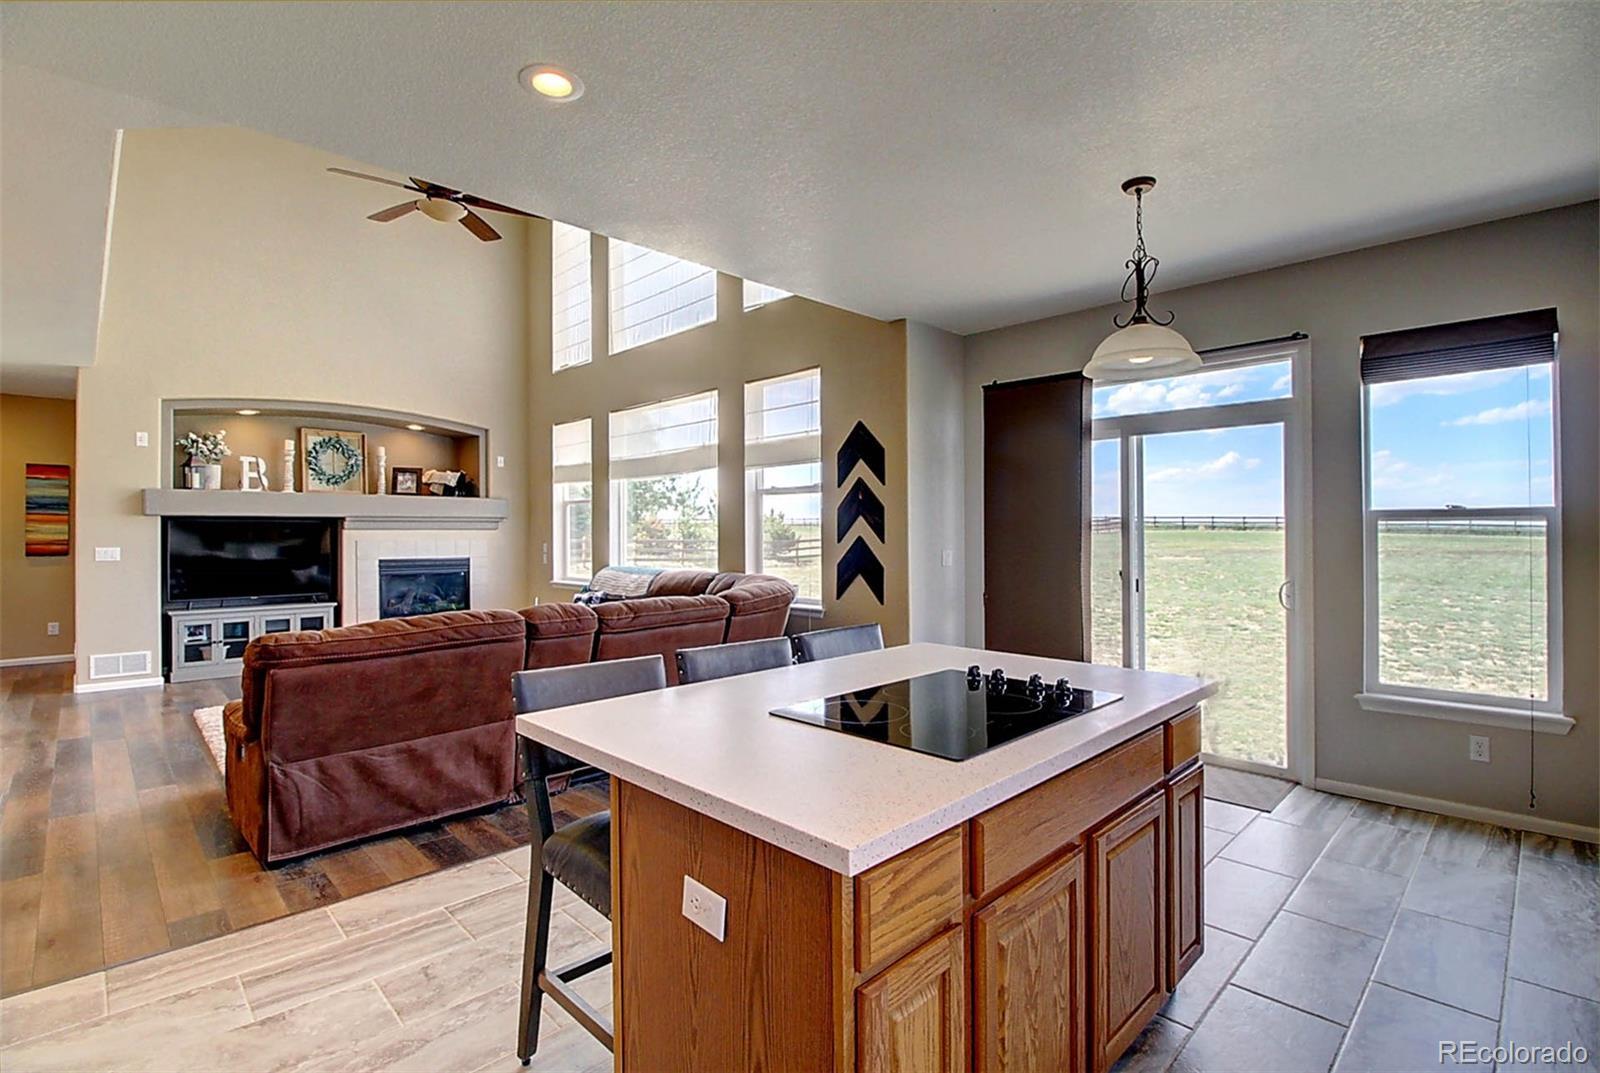 MLS# 9971596 - 9 - 49435 Antelope Drive, Bennett, CO 80102